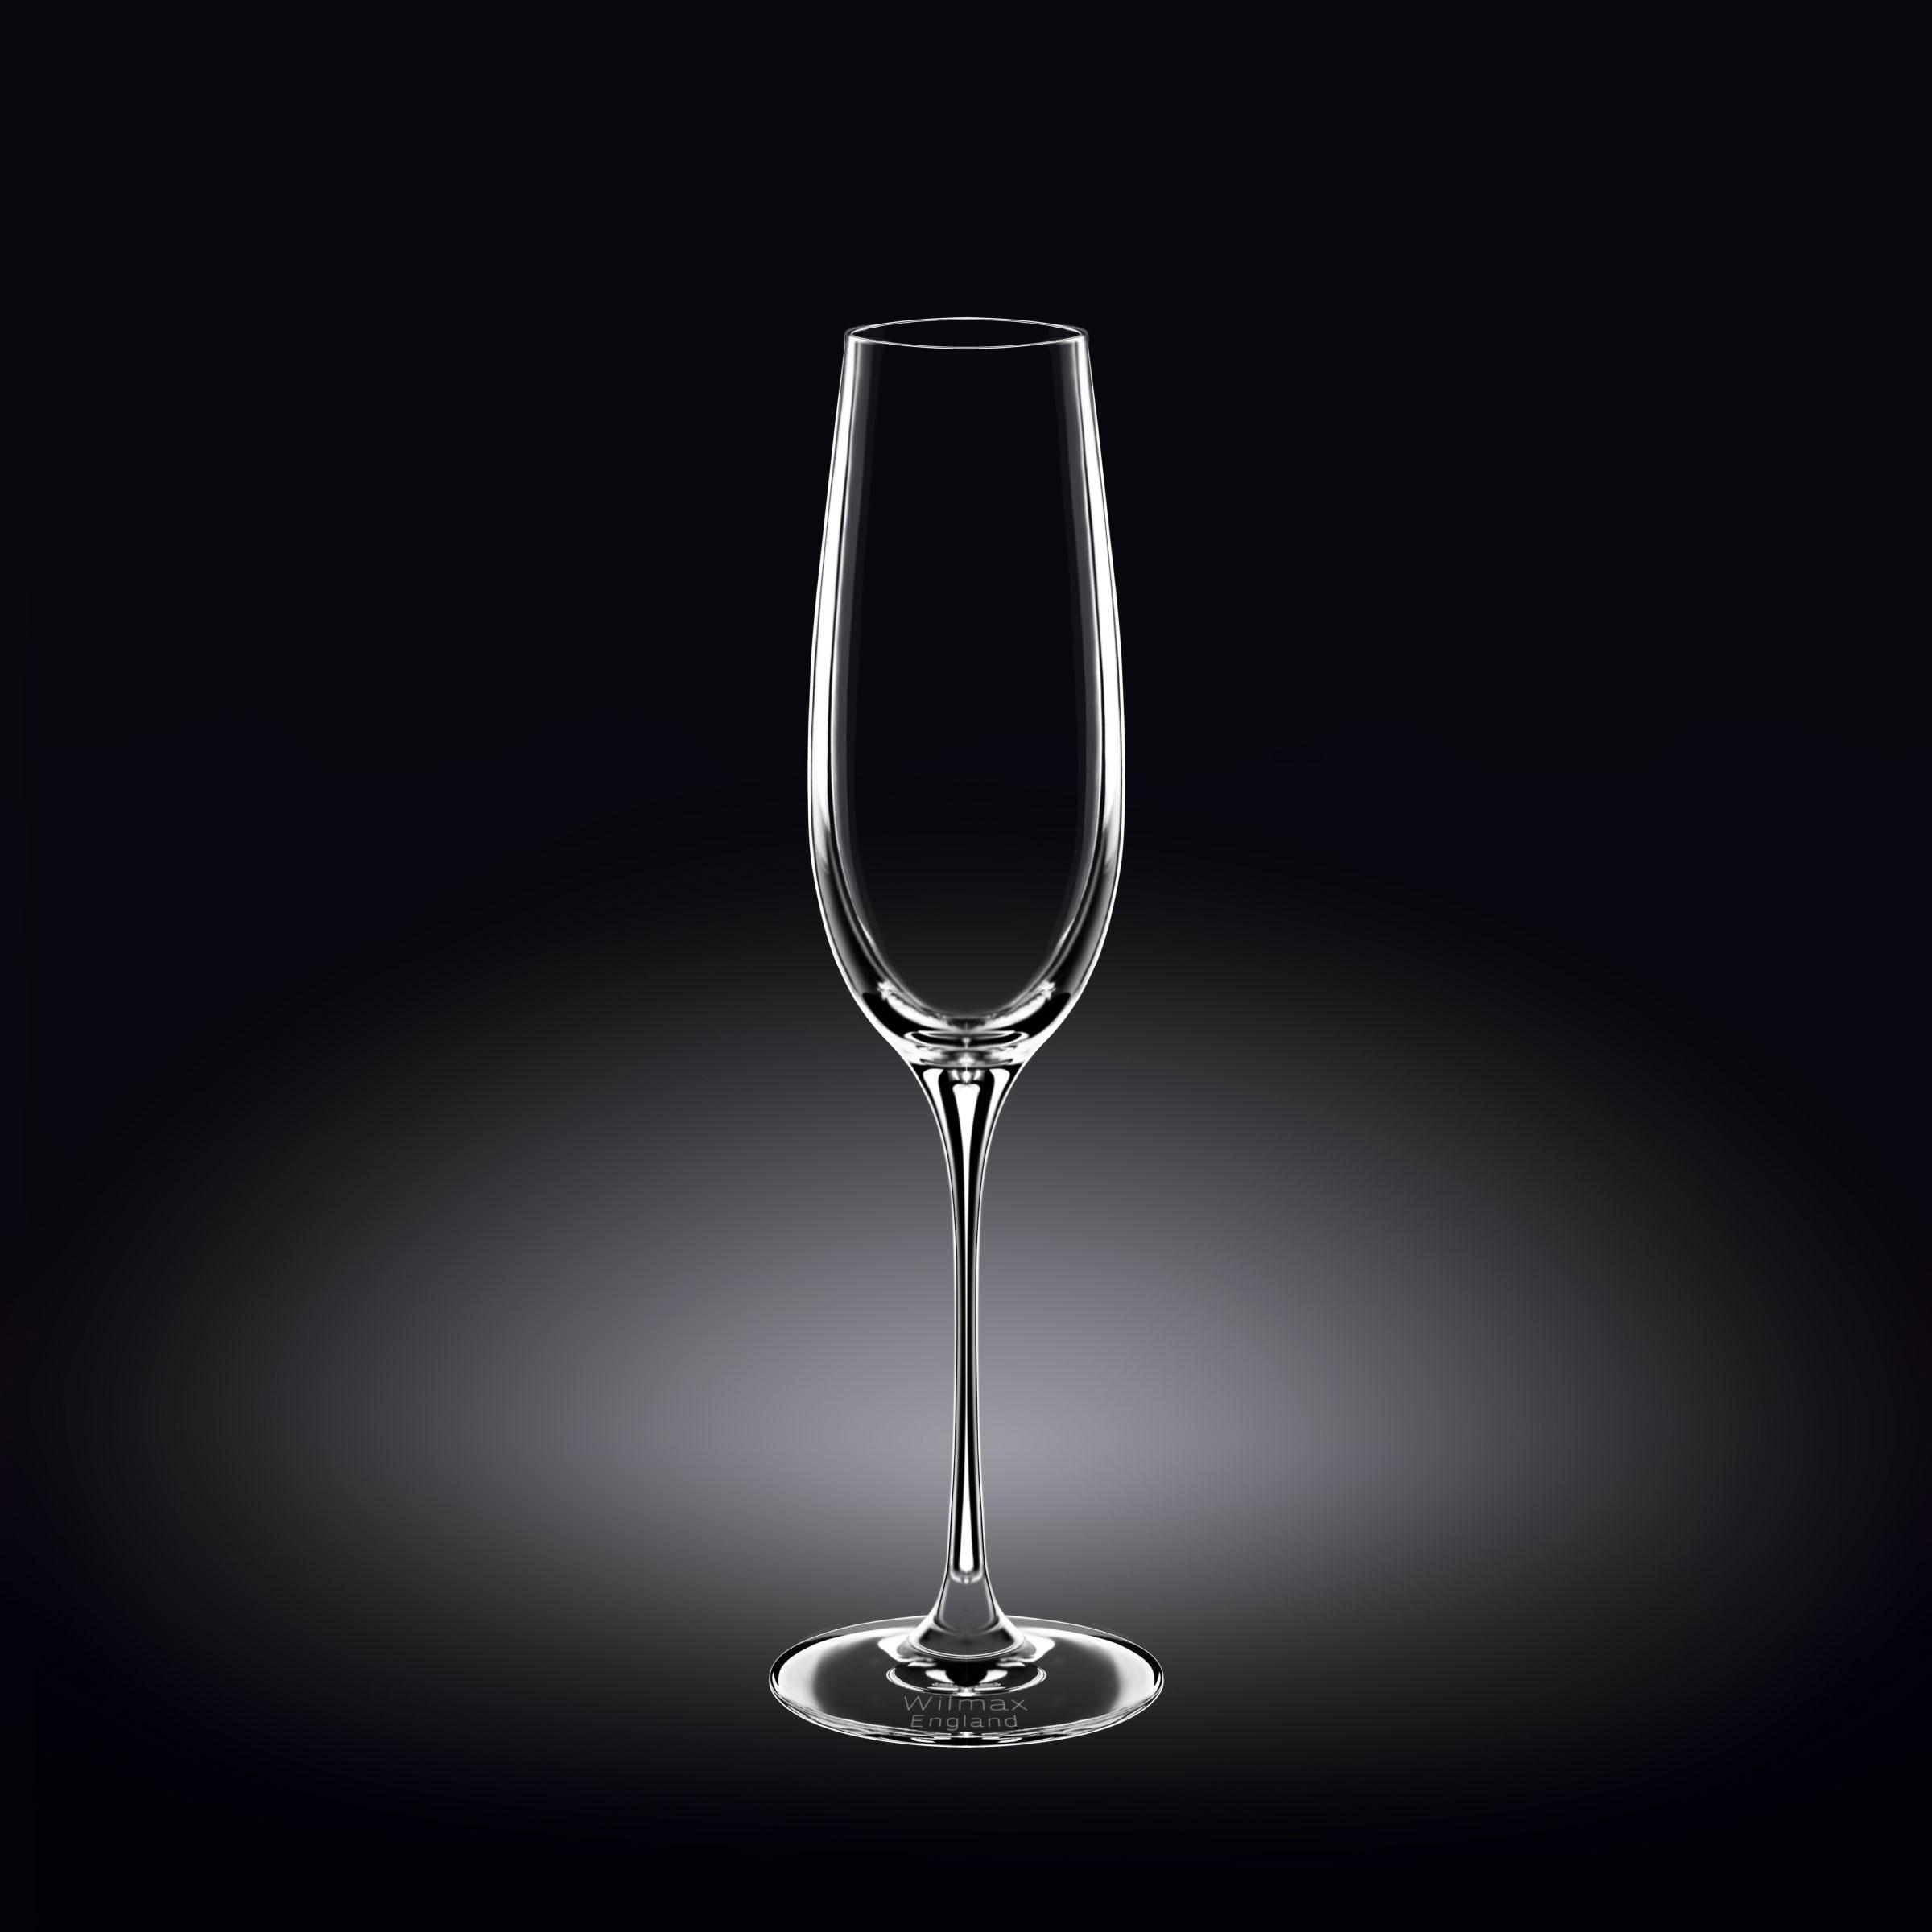 【Wilmax England】 ~Julia Collection~シャンパンフルートグラス2Pセット <br>No.32064